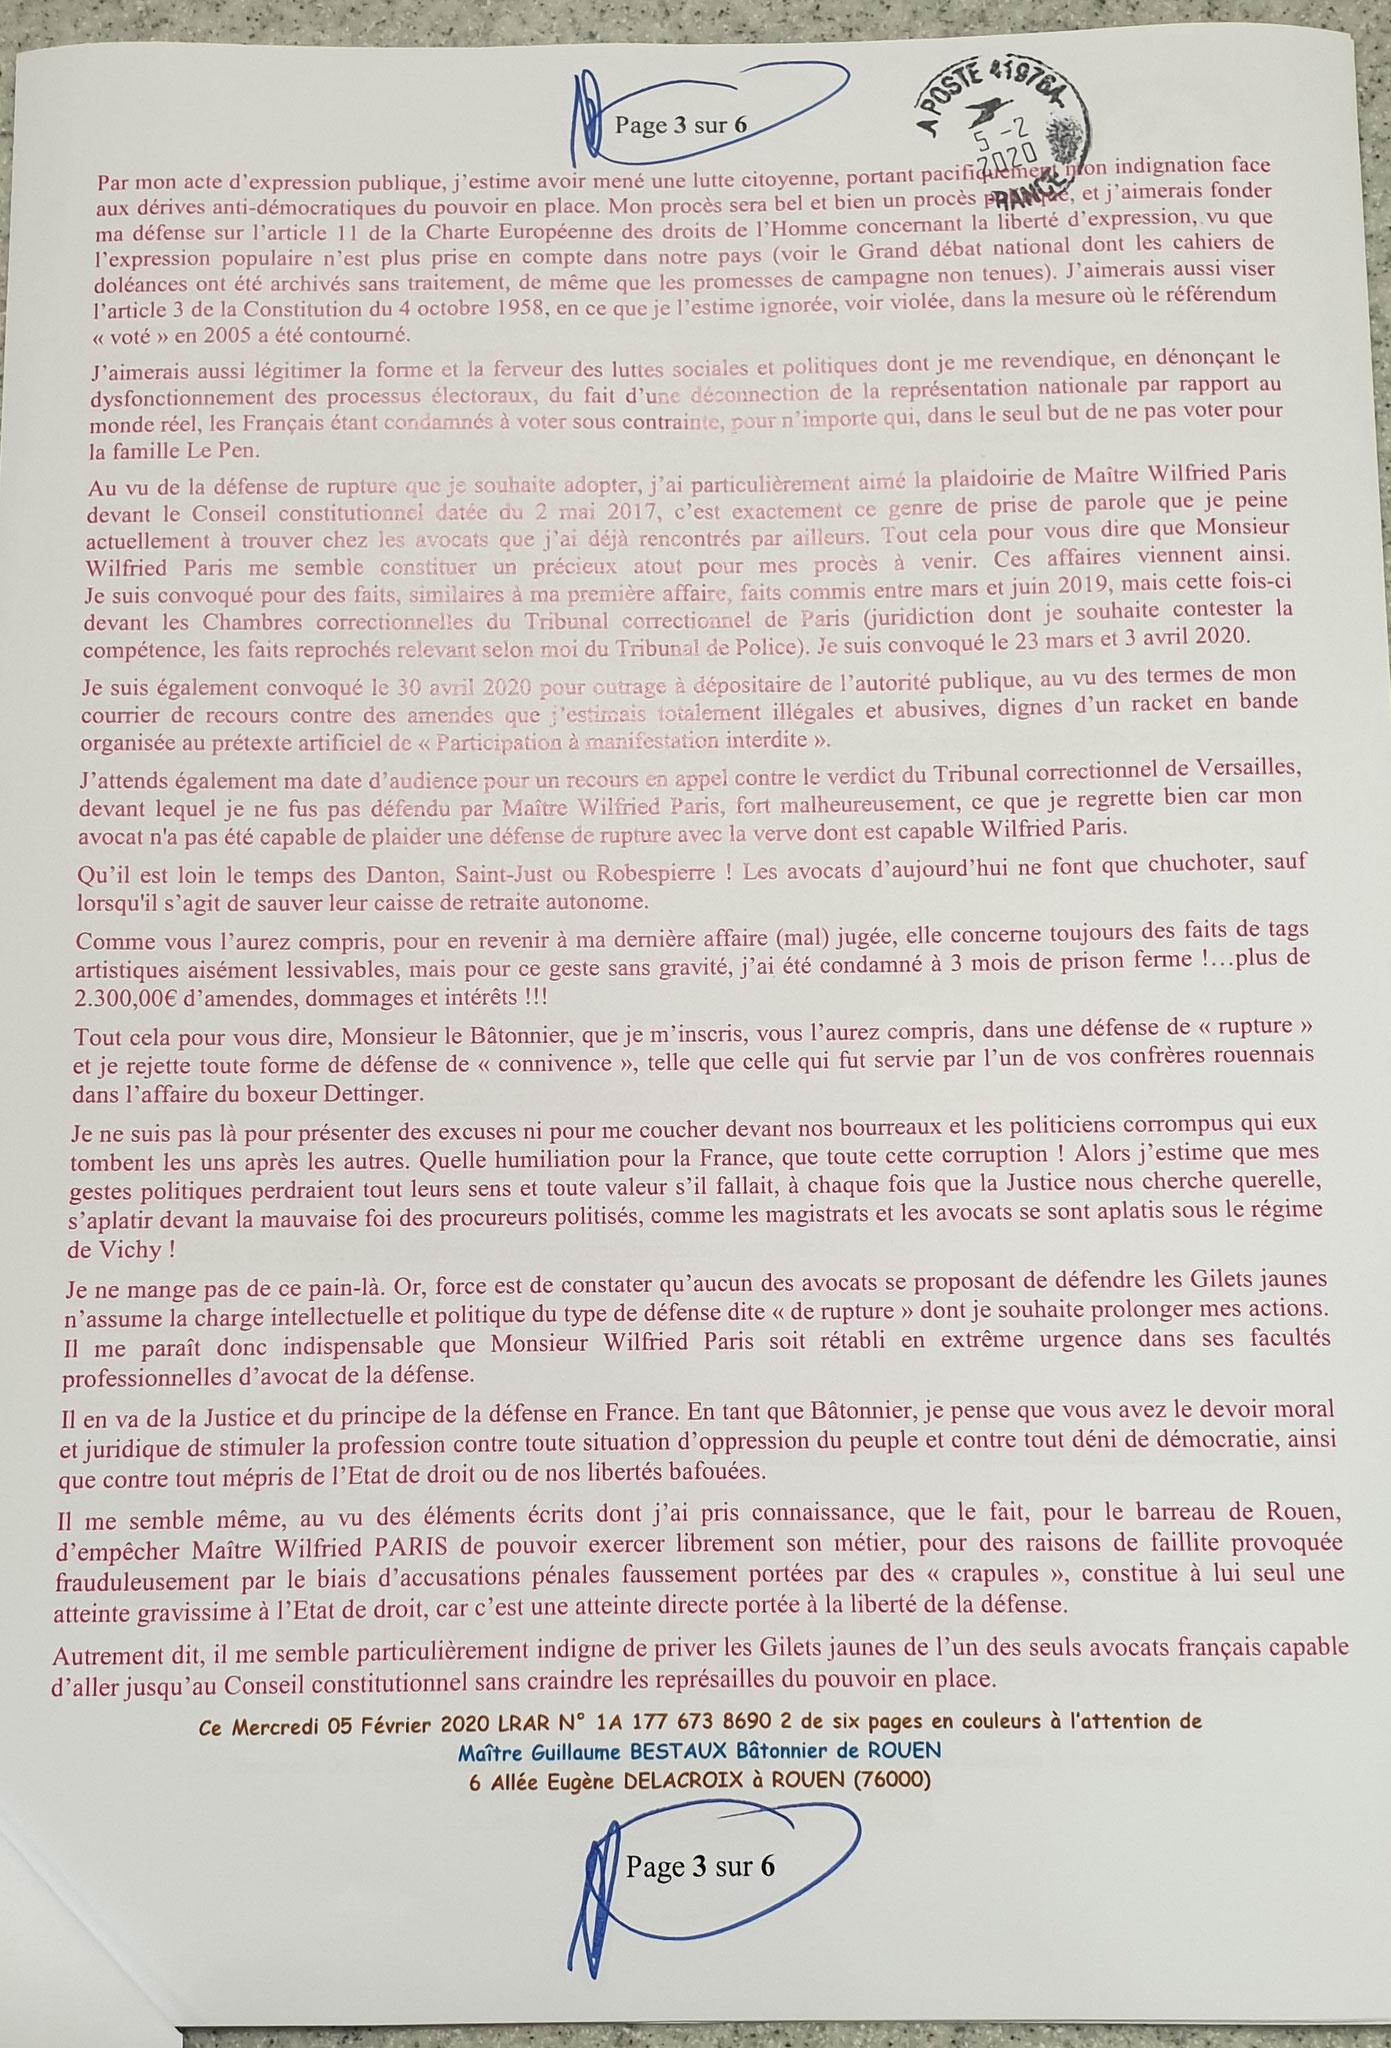 Accusé de Réception & Preuve de Dépôt Ma lettre recommandée du 05 Février 2020 N° 1A 177 673 8690 2 Page 3 sur 6 en couleurs www.jesuispatrick.fr